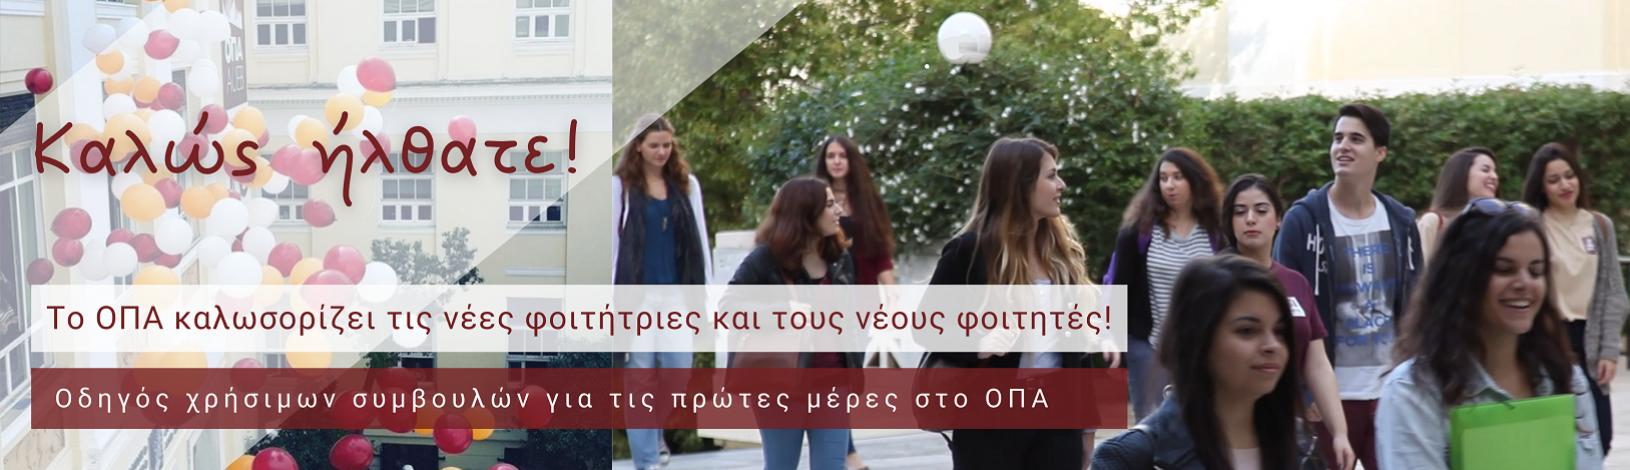 Το ΟΠΑ καλωσορίζει τους νέους φοιτητές για το ακαδημαϊκό έτος 2021-22. Οδηγός χρήσιμων συμβουλών για τις πρώτες μέρες στο ΟΠΑ